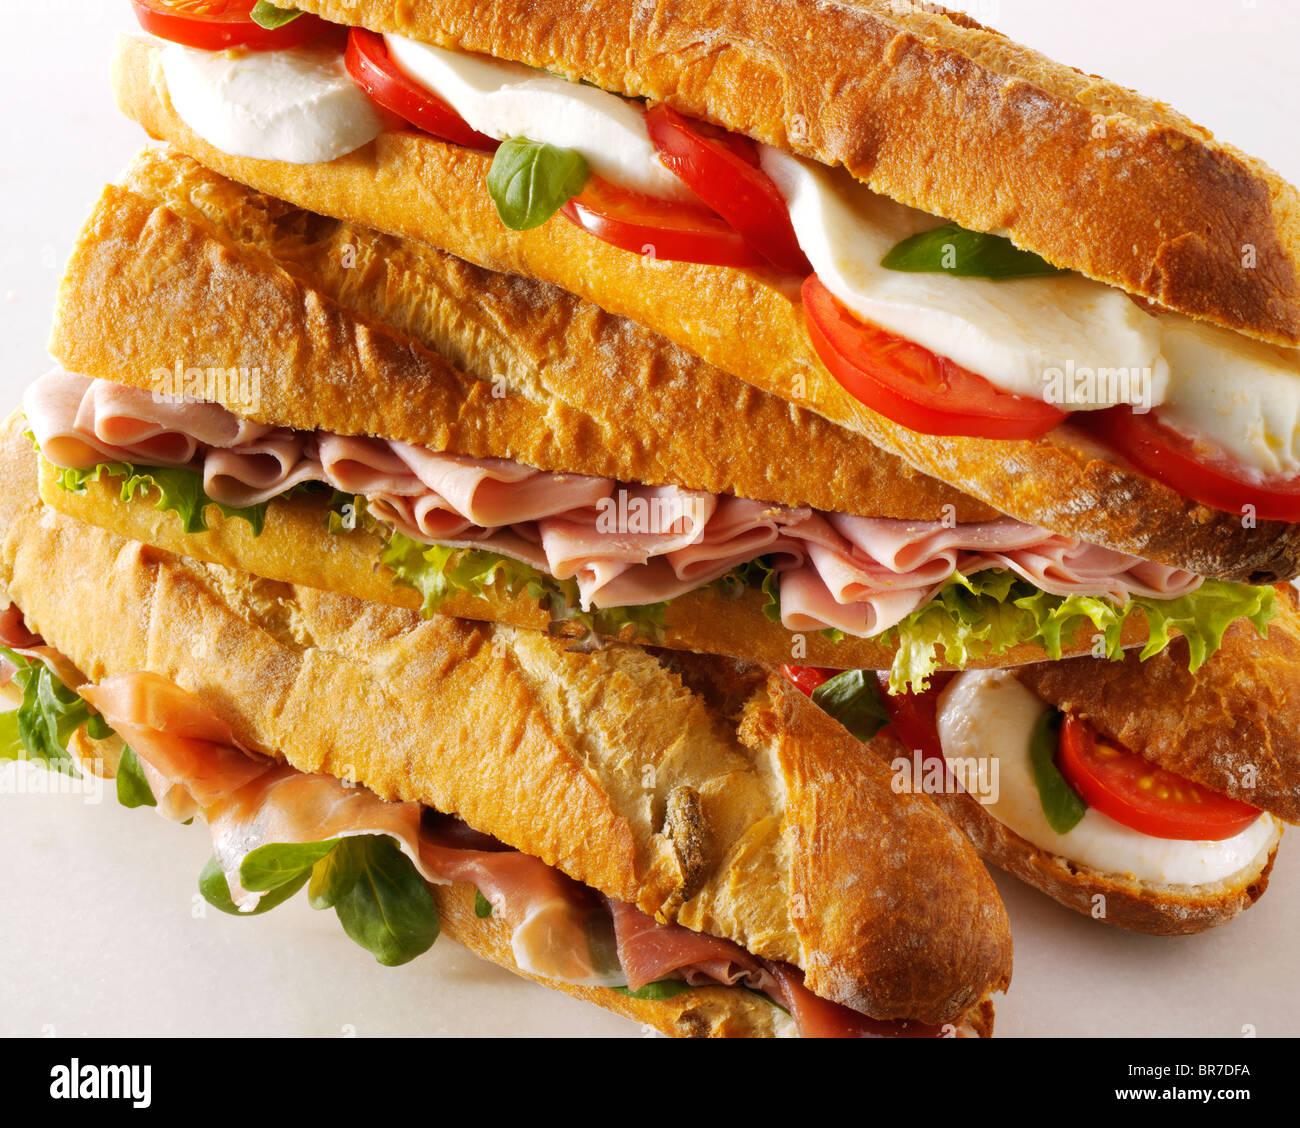 Pan baguette rellena con mozerella & tomates, jamón, ensalada, jamón Prcutto & Rocket. Imagen De Stock